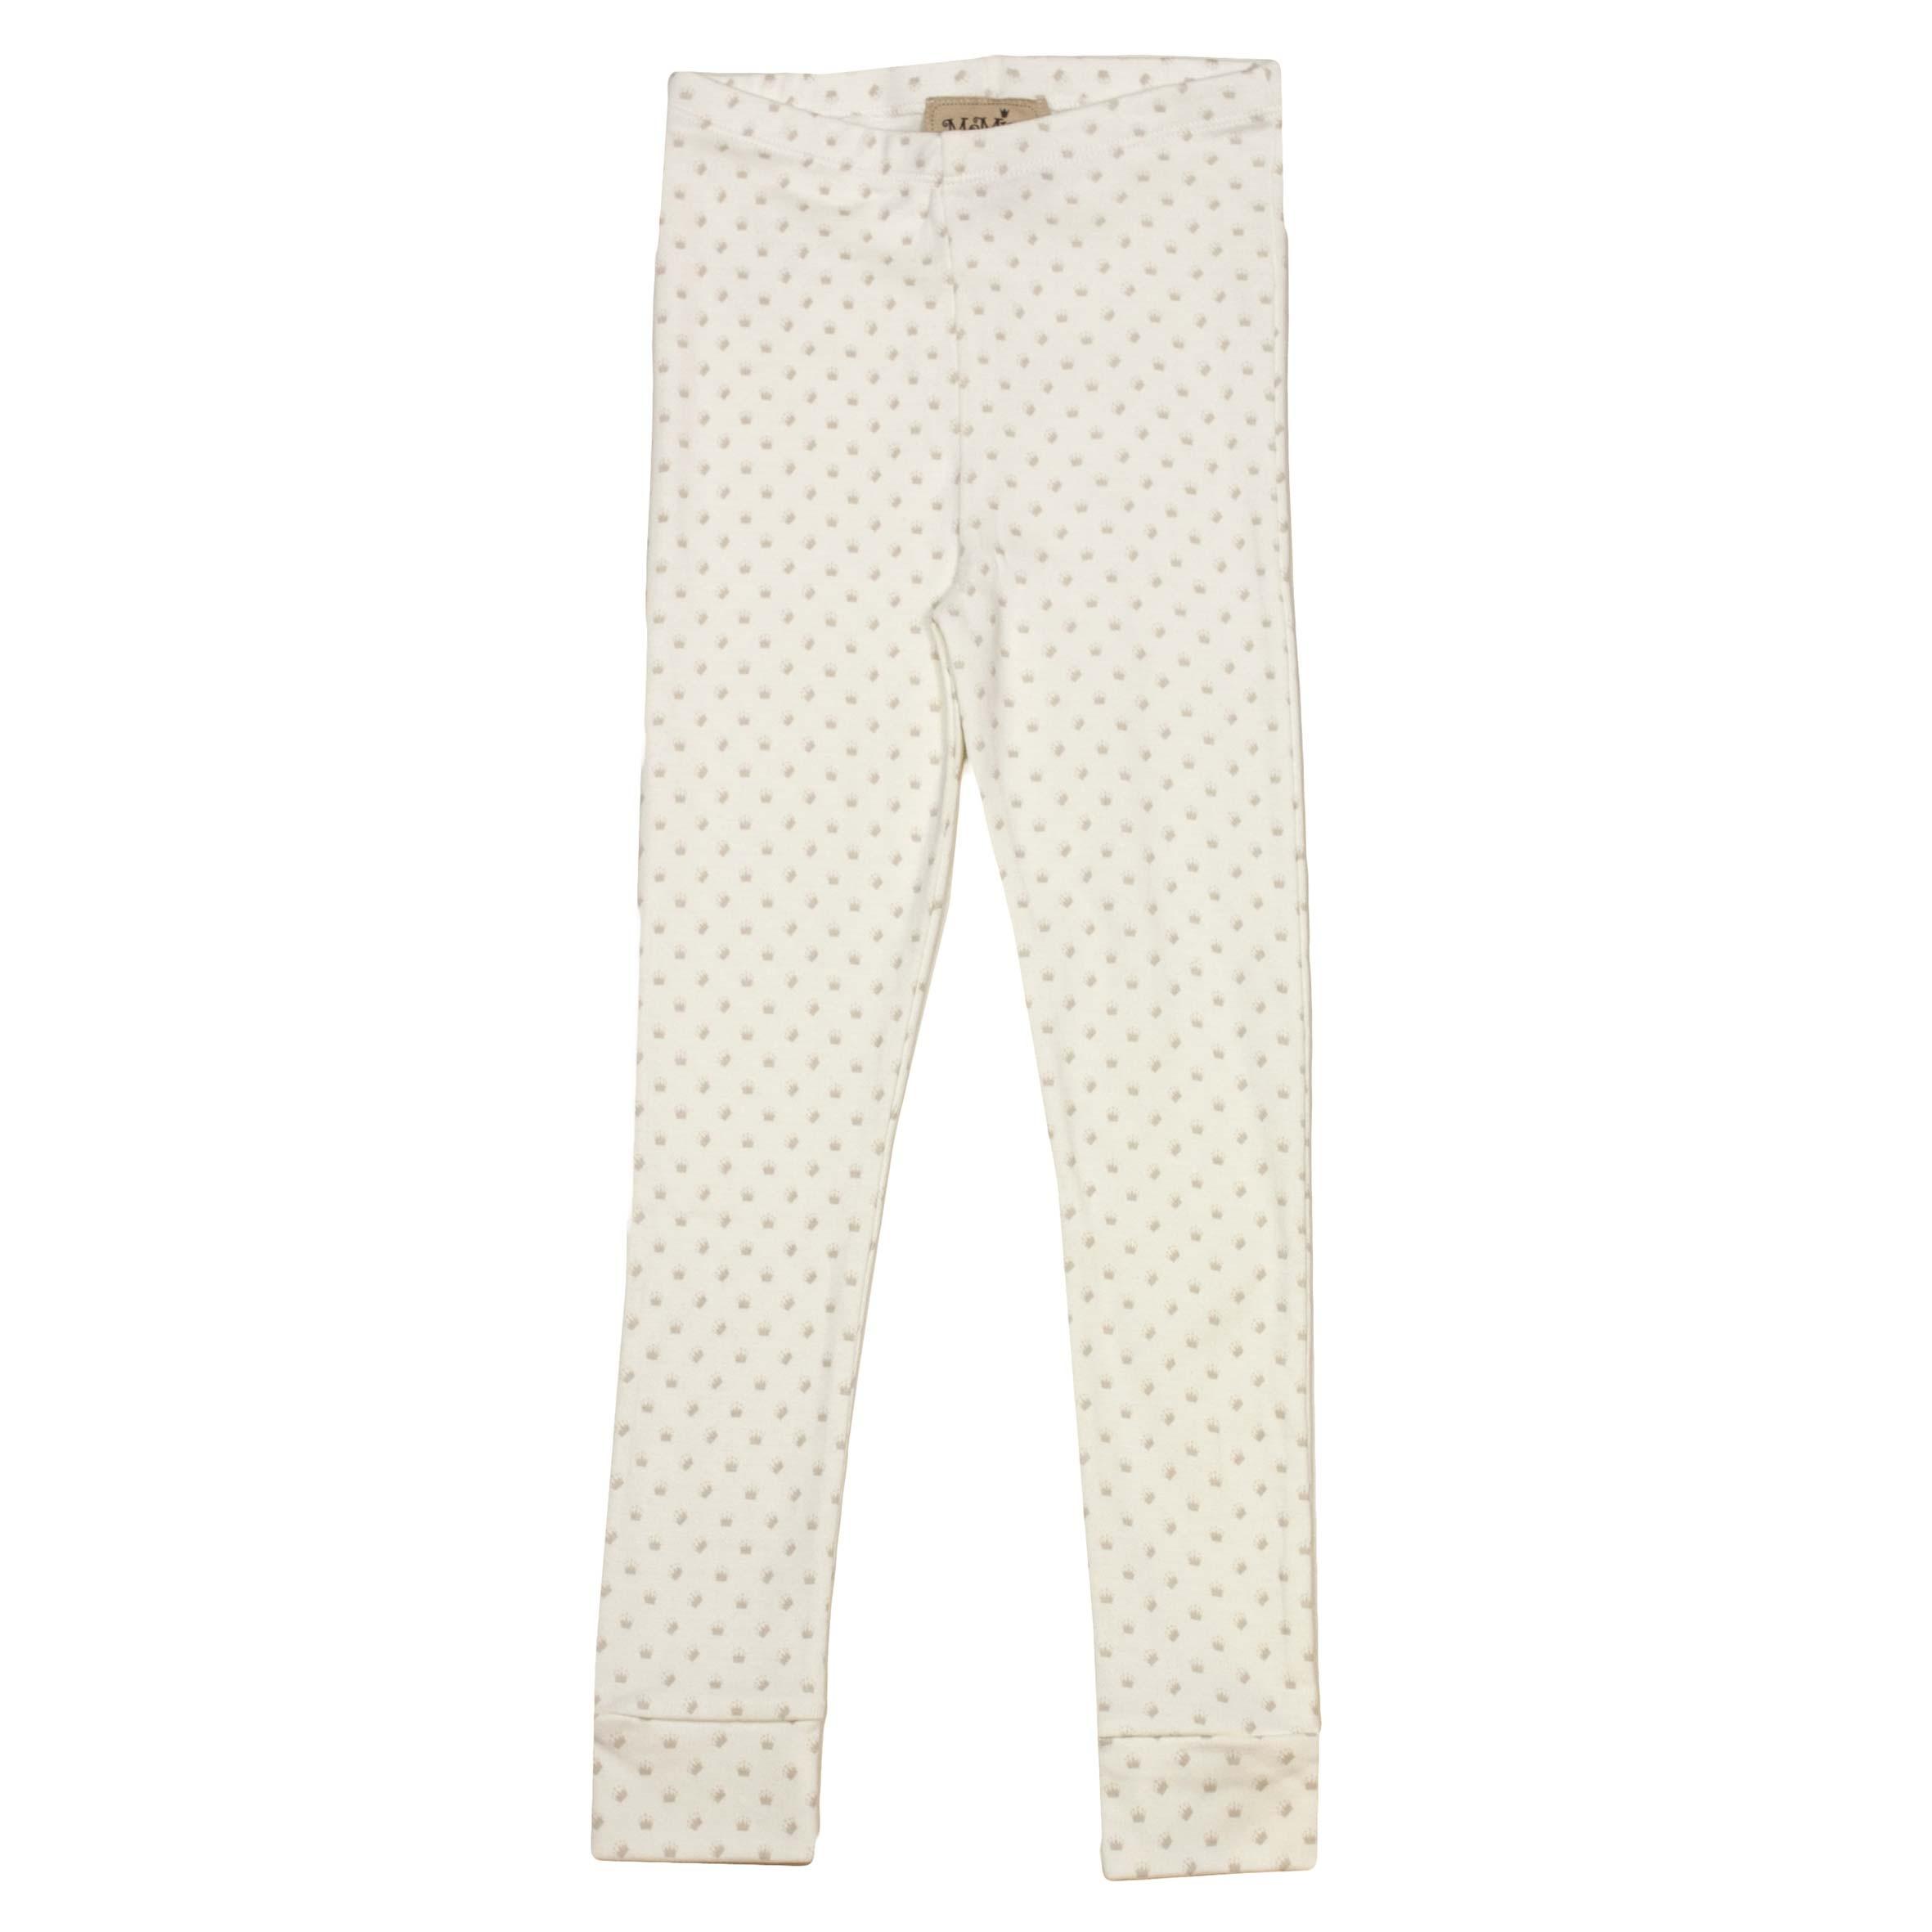 d9af12e5 Memini Leggings - Basic Egret White - salg